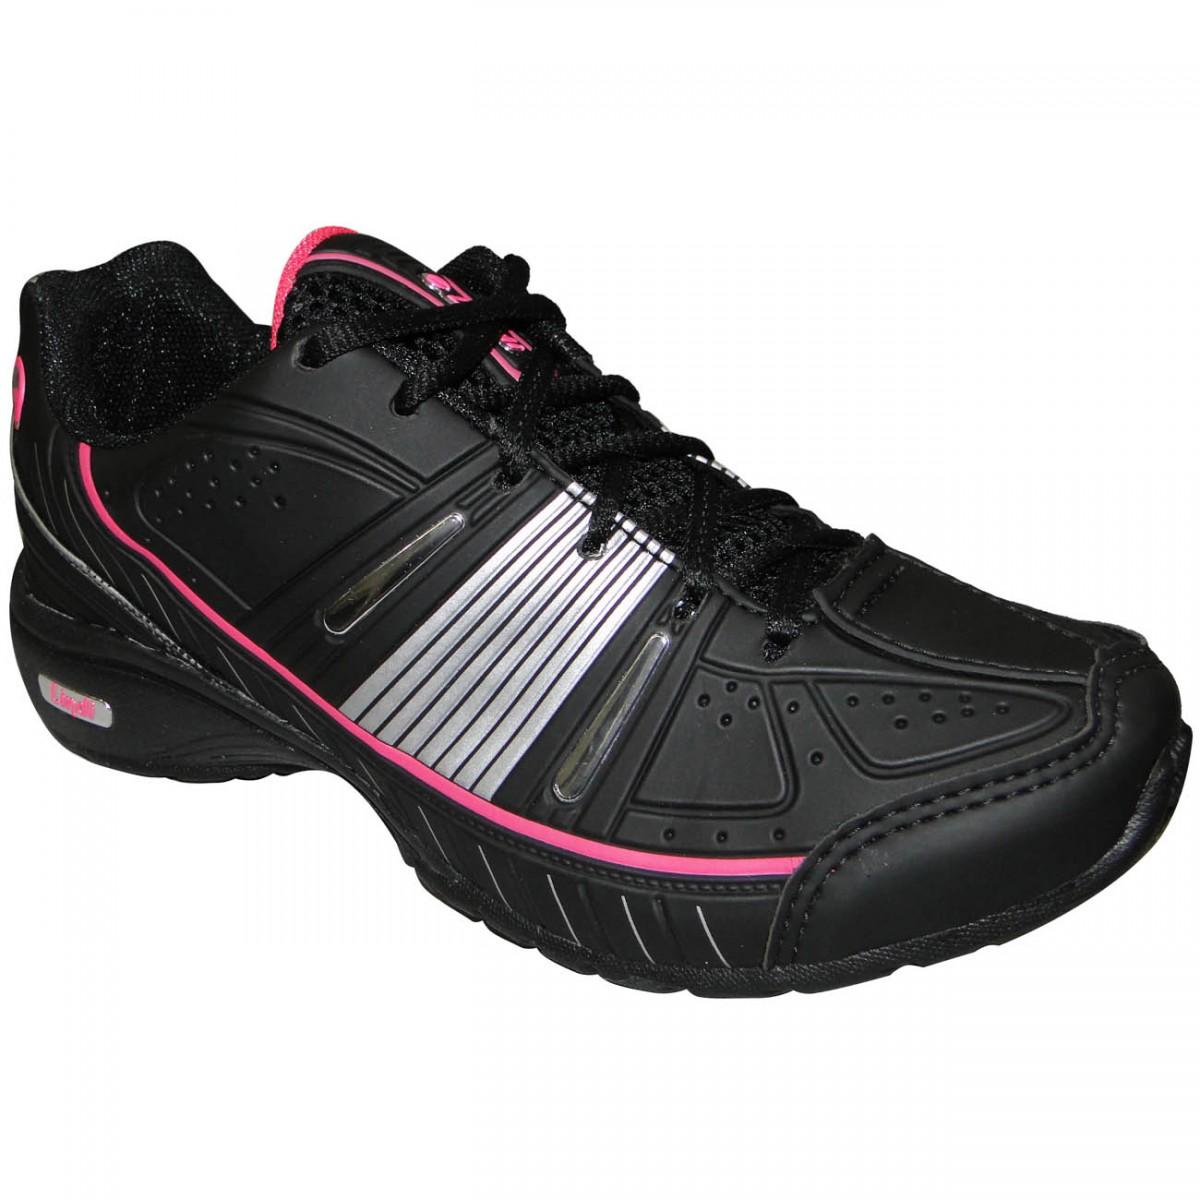 9efdaef1cf TENIS LINDI REF.178 8525 - PRETO PRATA PINK - Chuteira Nike